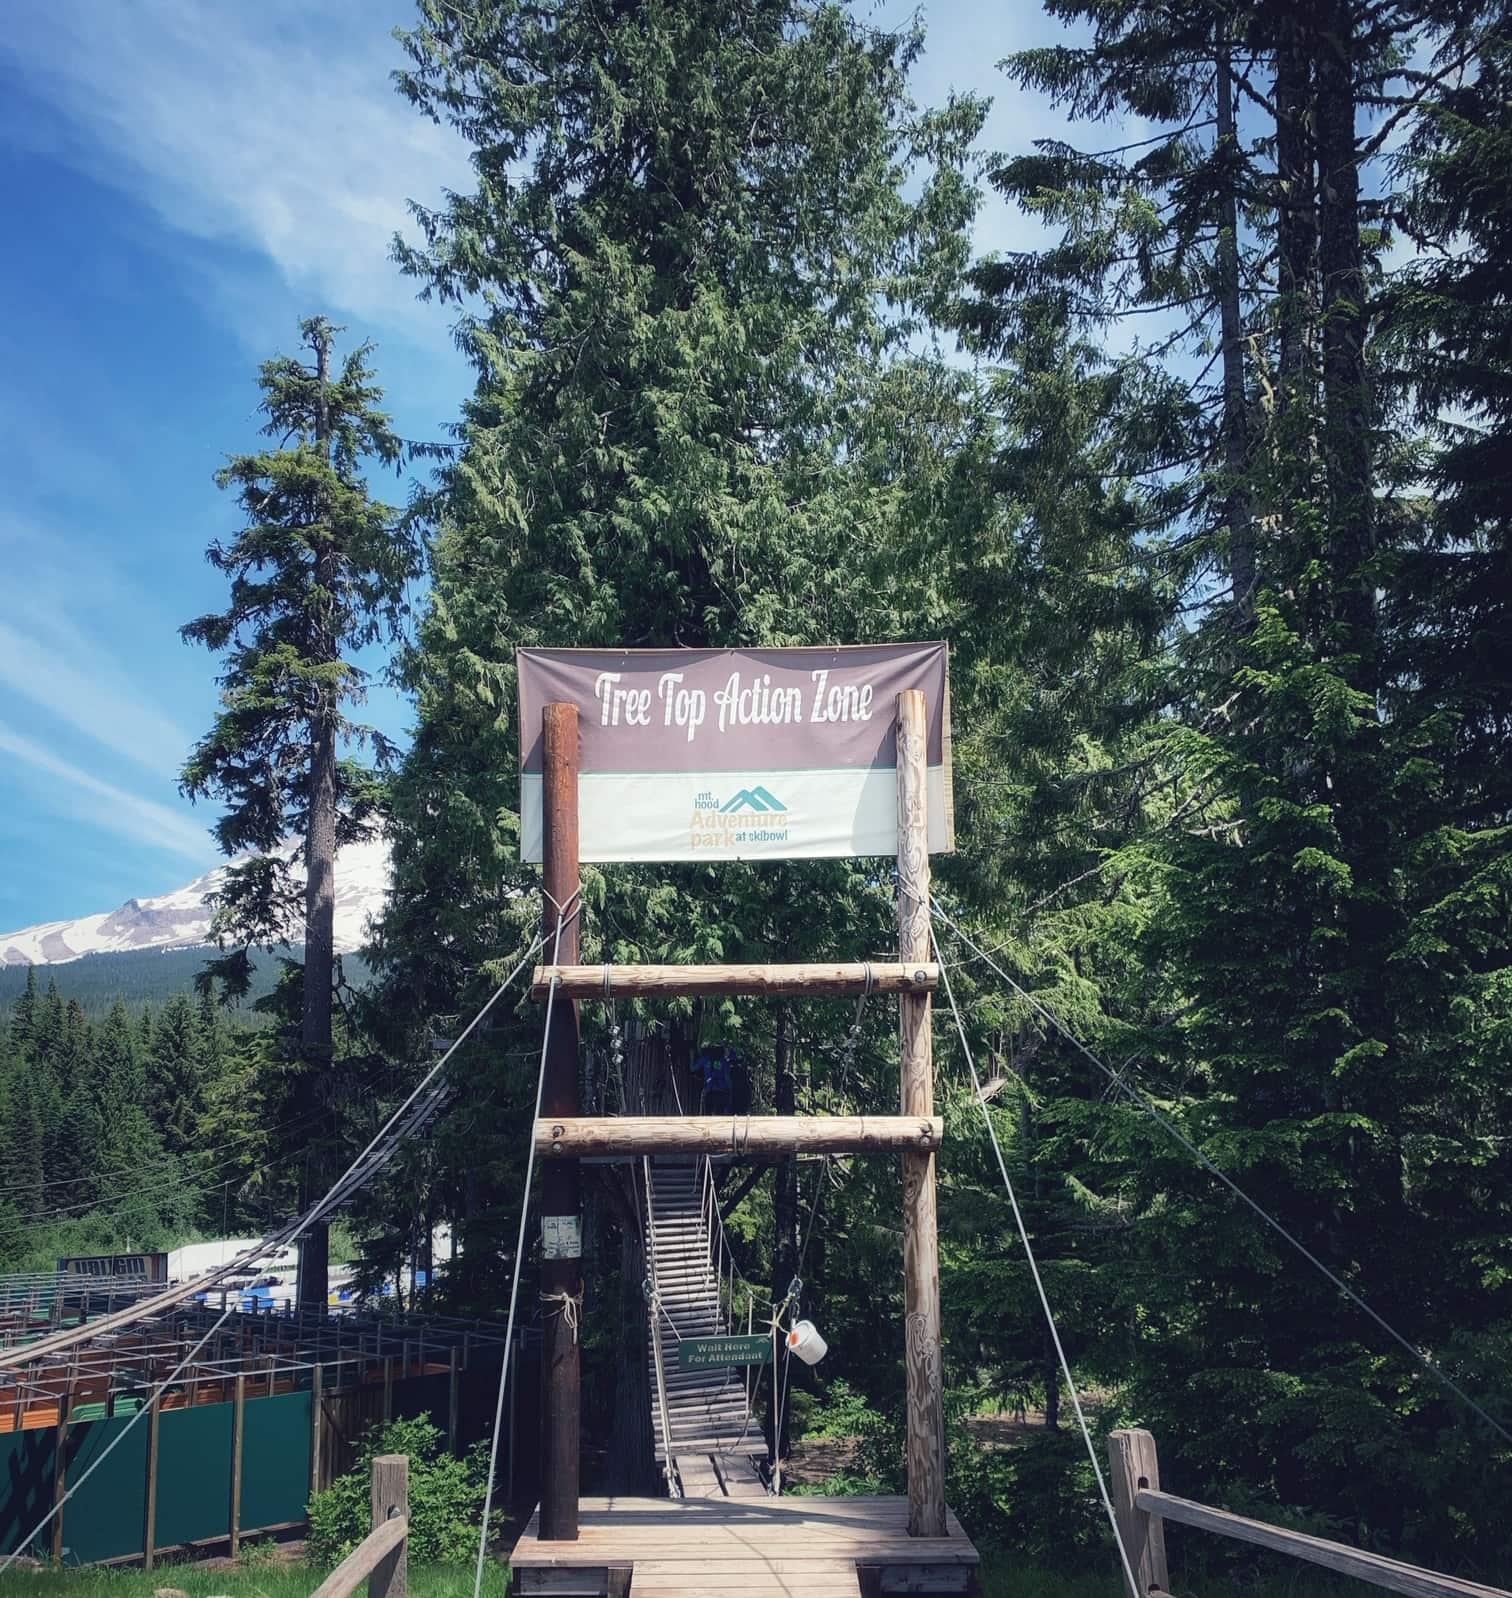 Tree top arial park at Mt. Hood Ski Bowl